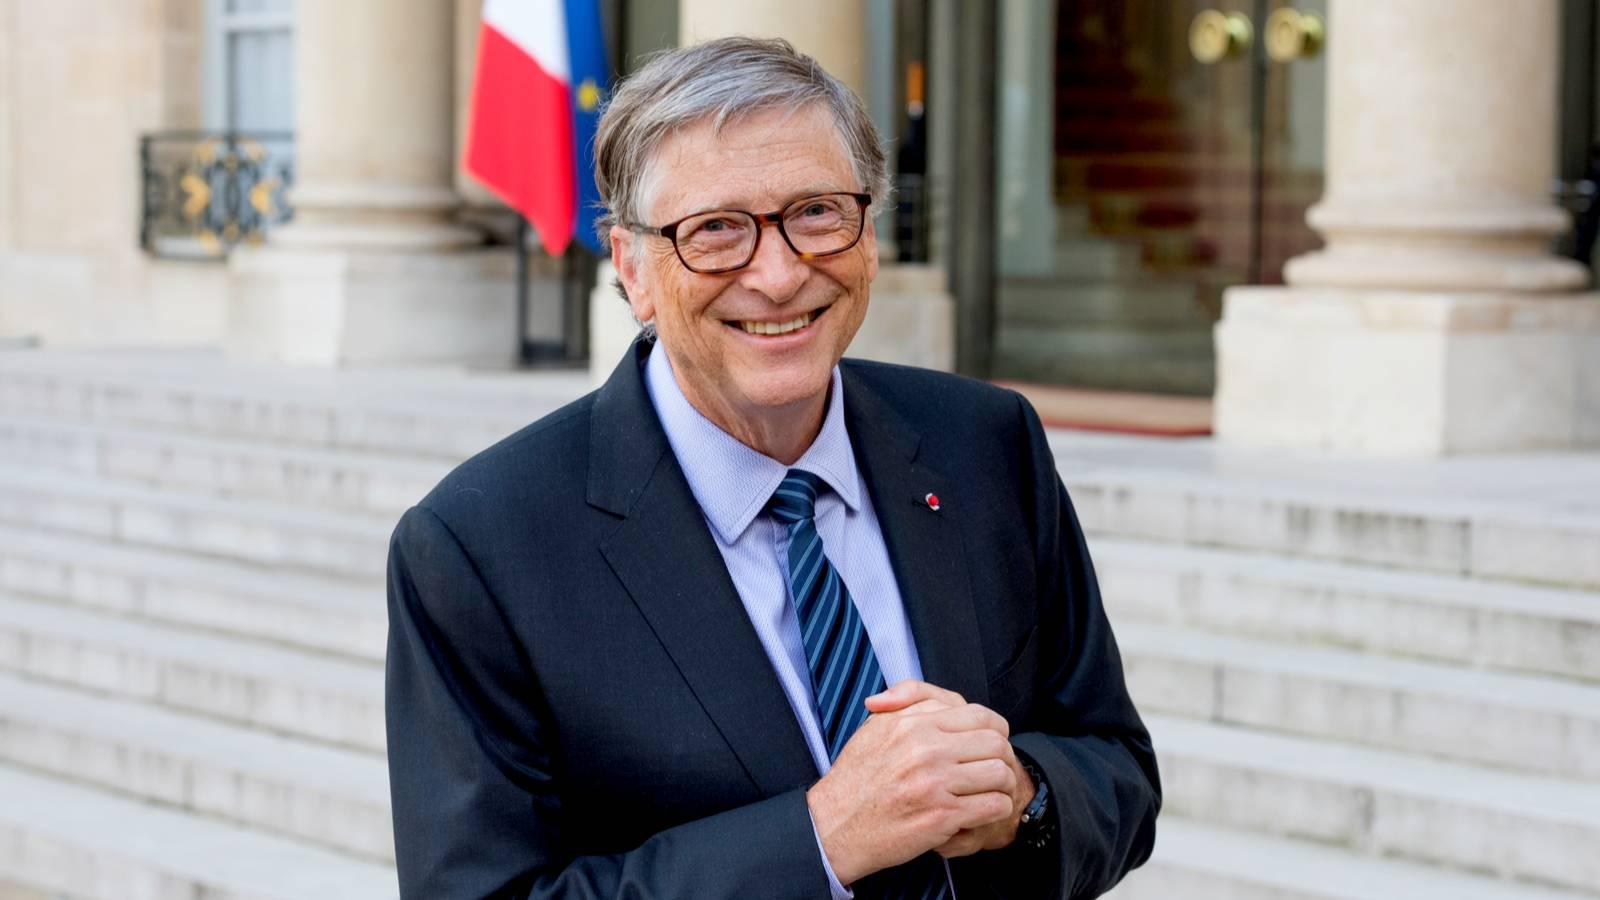 Čtvrtý nejbohatší muž světa se rozvádí. Co bude s nadací manželů Gatesových?